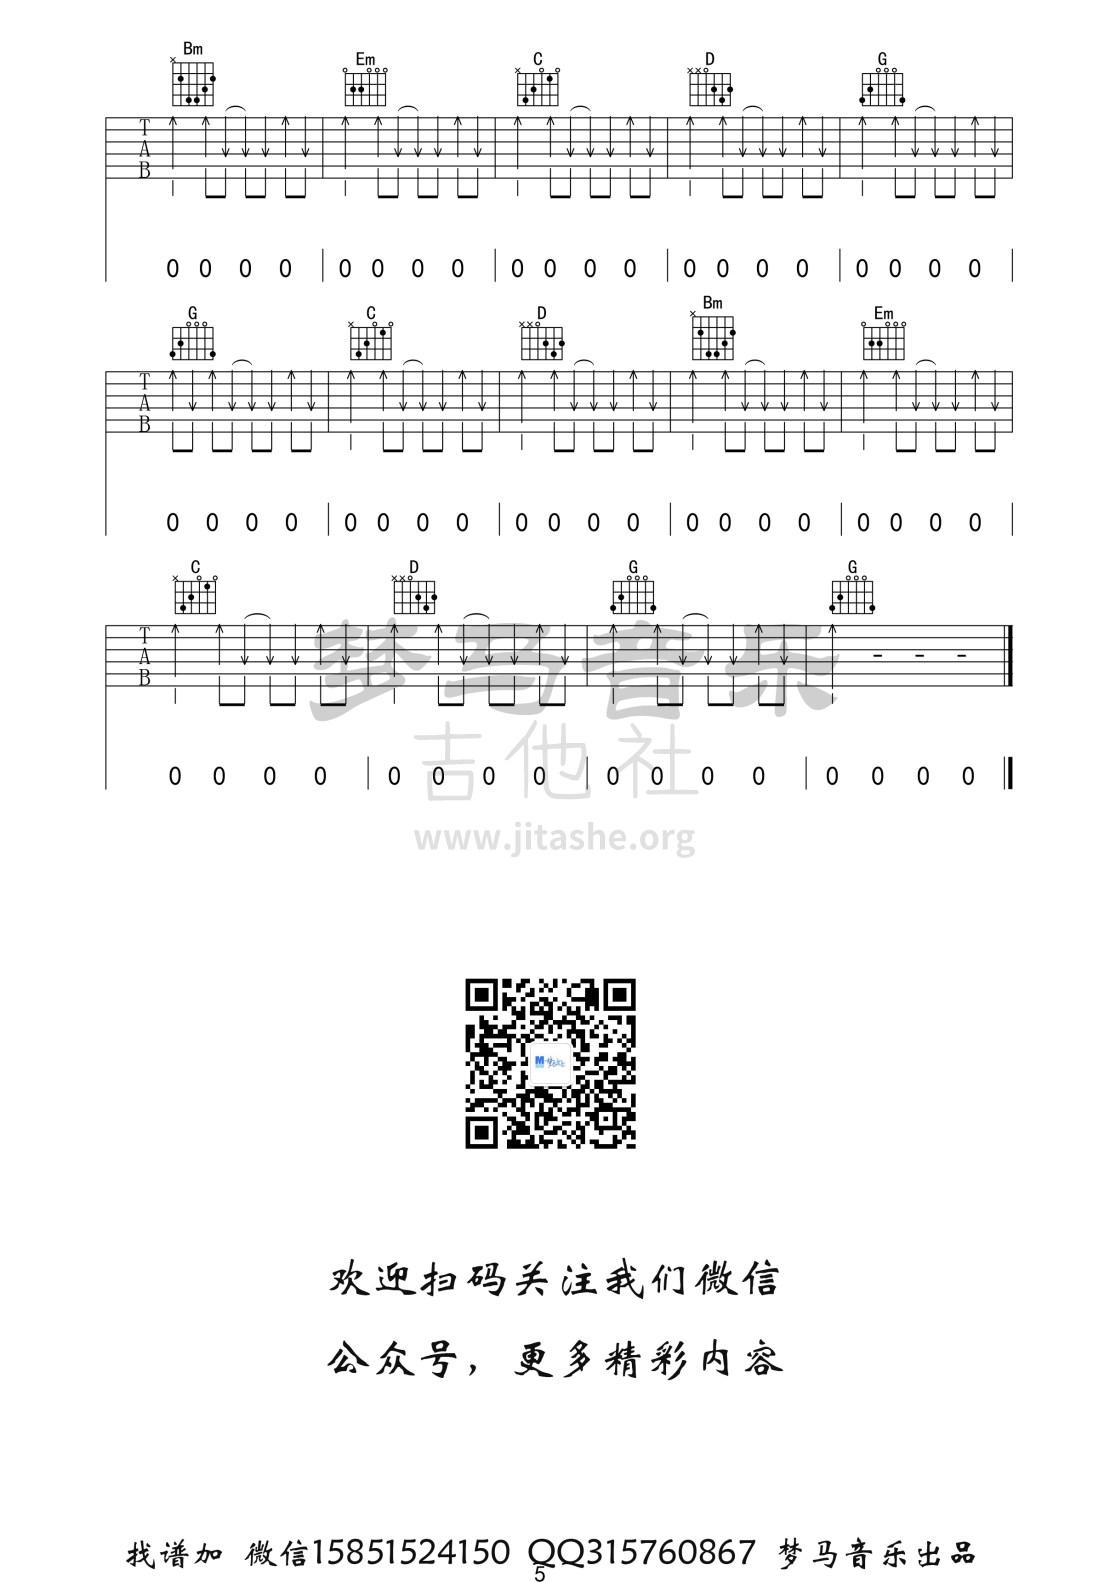 人的一生总有幸福的时刻吉他谱(图片谱)_张闯_人的一生总有幸福的时刻-5.jpg